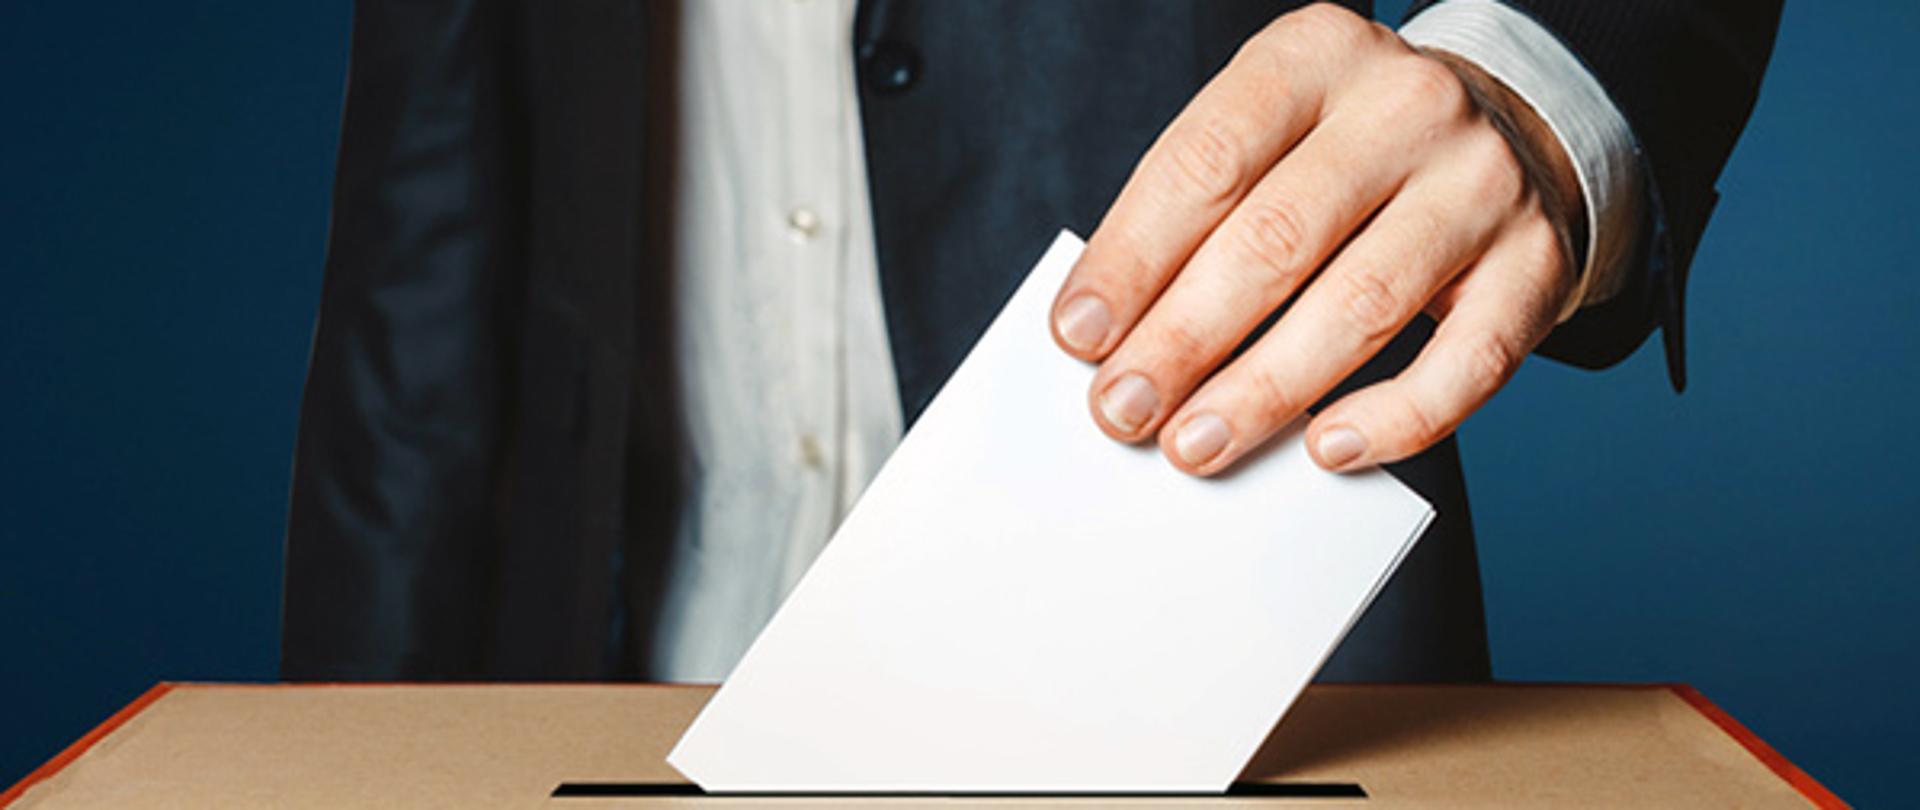 Prawo i Sprawiedliwość chce zmian w wyborczym kalendarzu na 2023 roku! - Zdjęcie główne